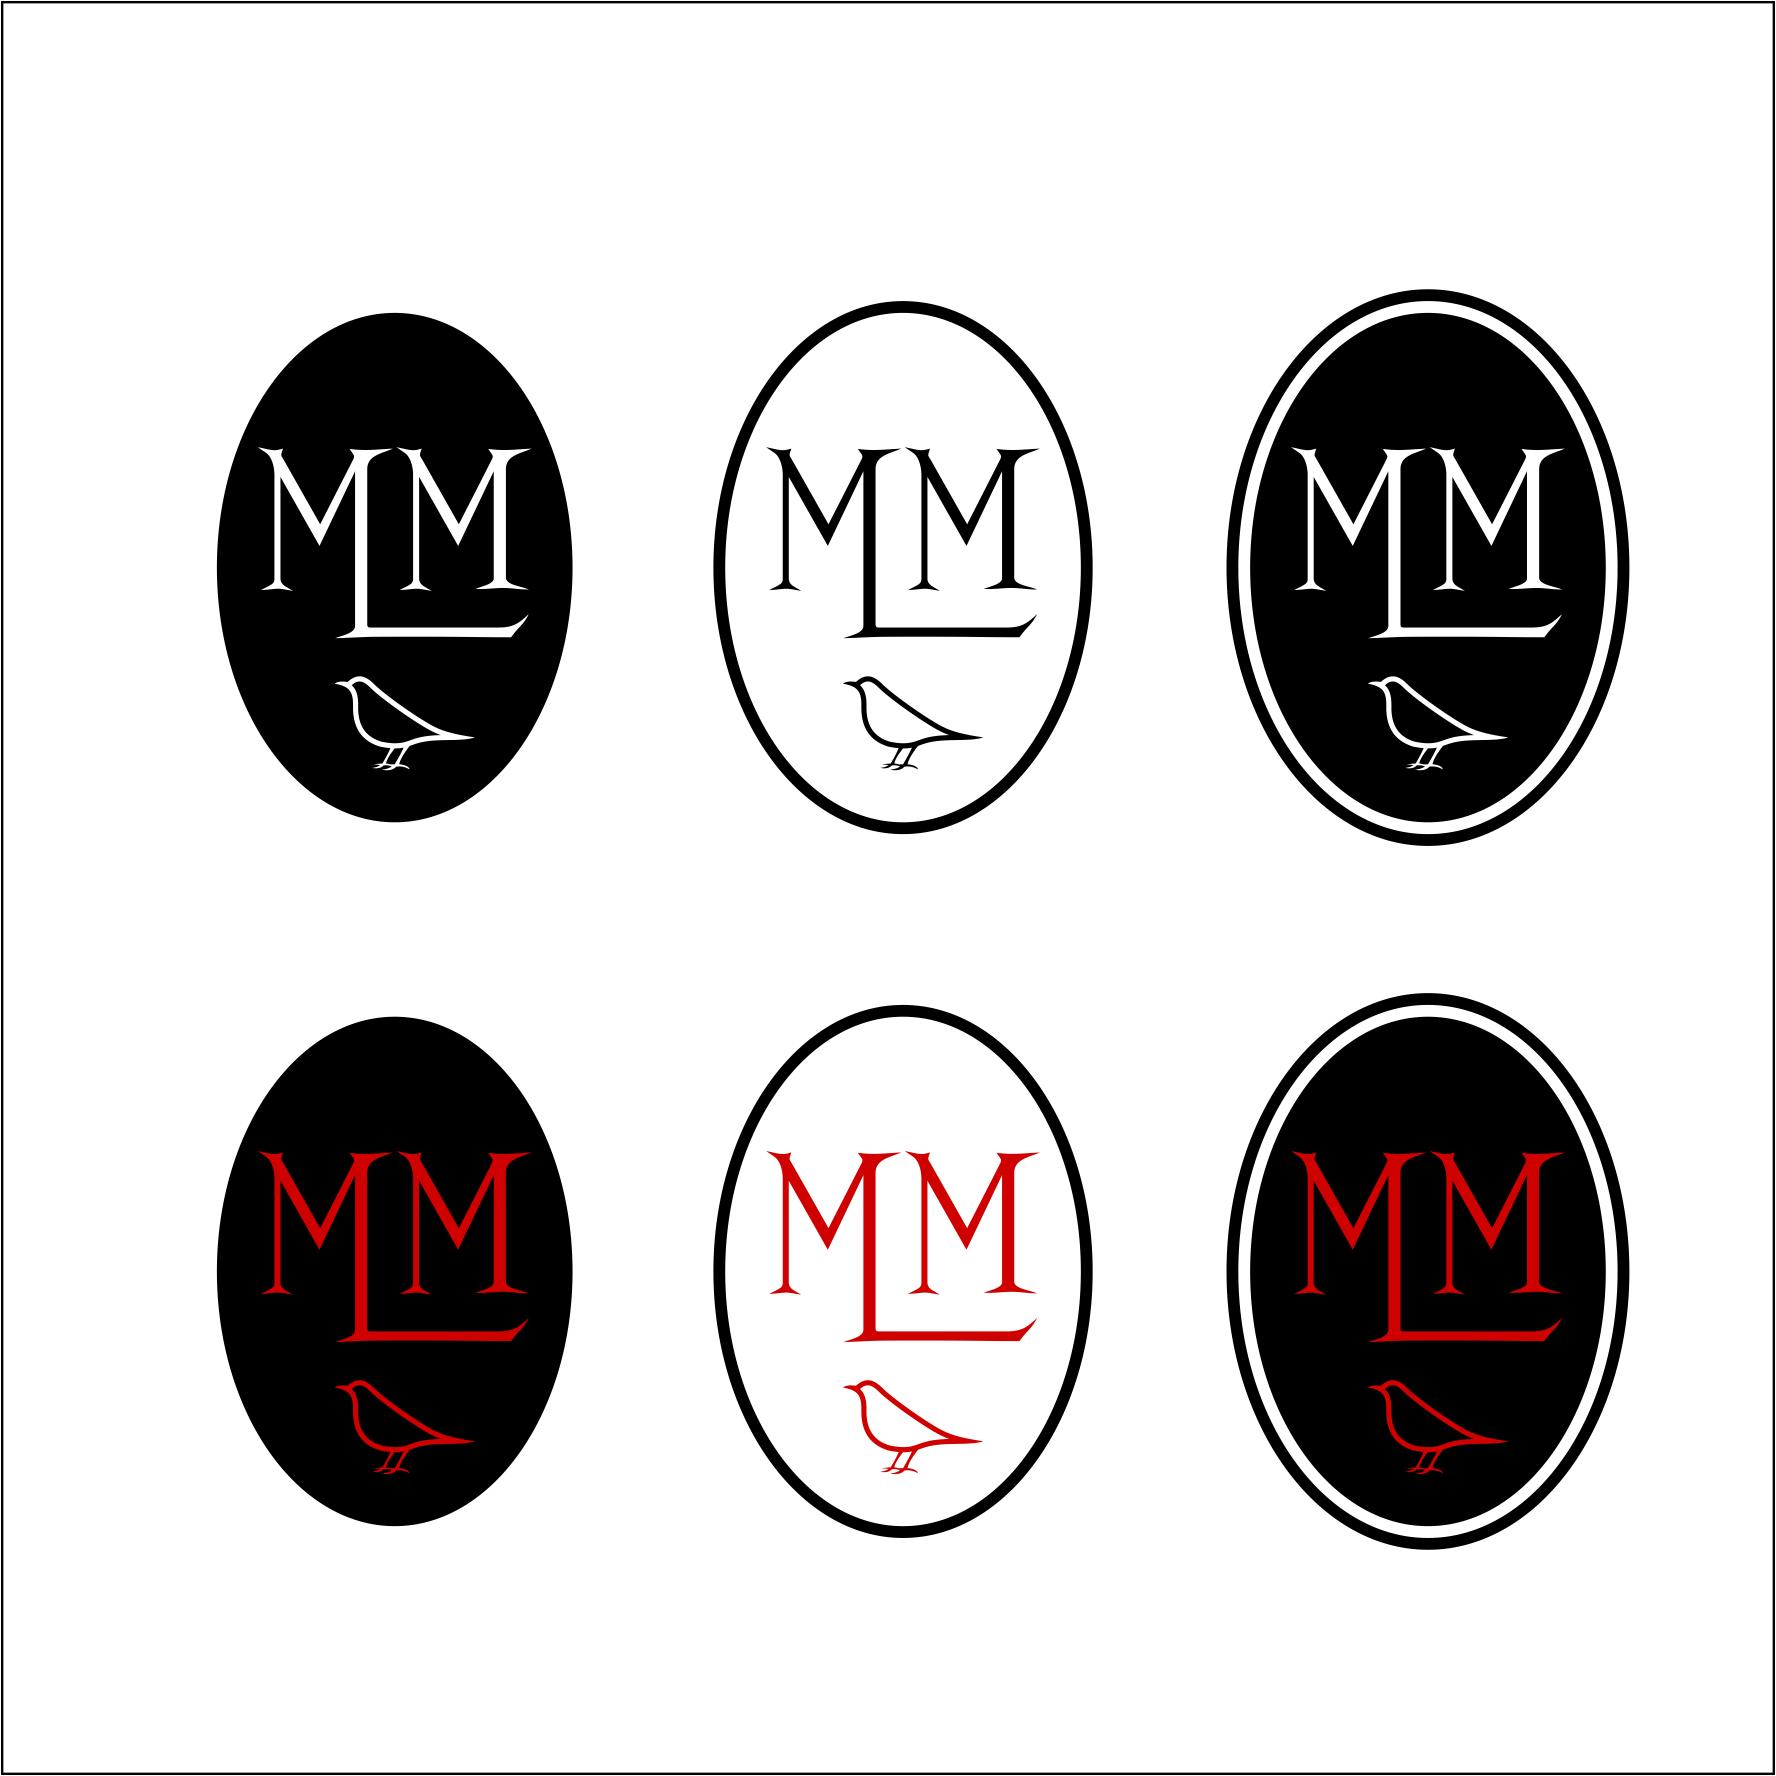 MLM sigel/cipher